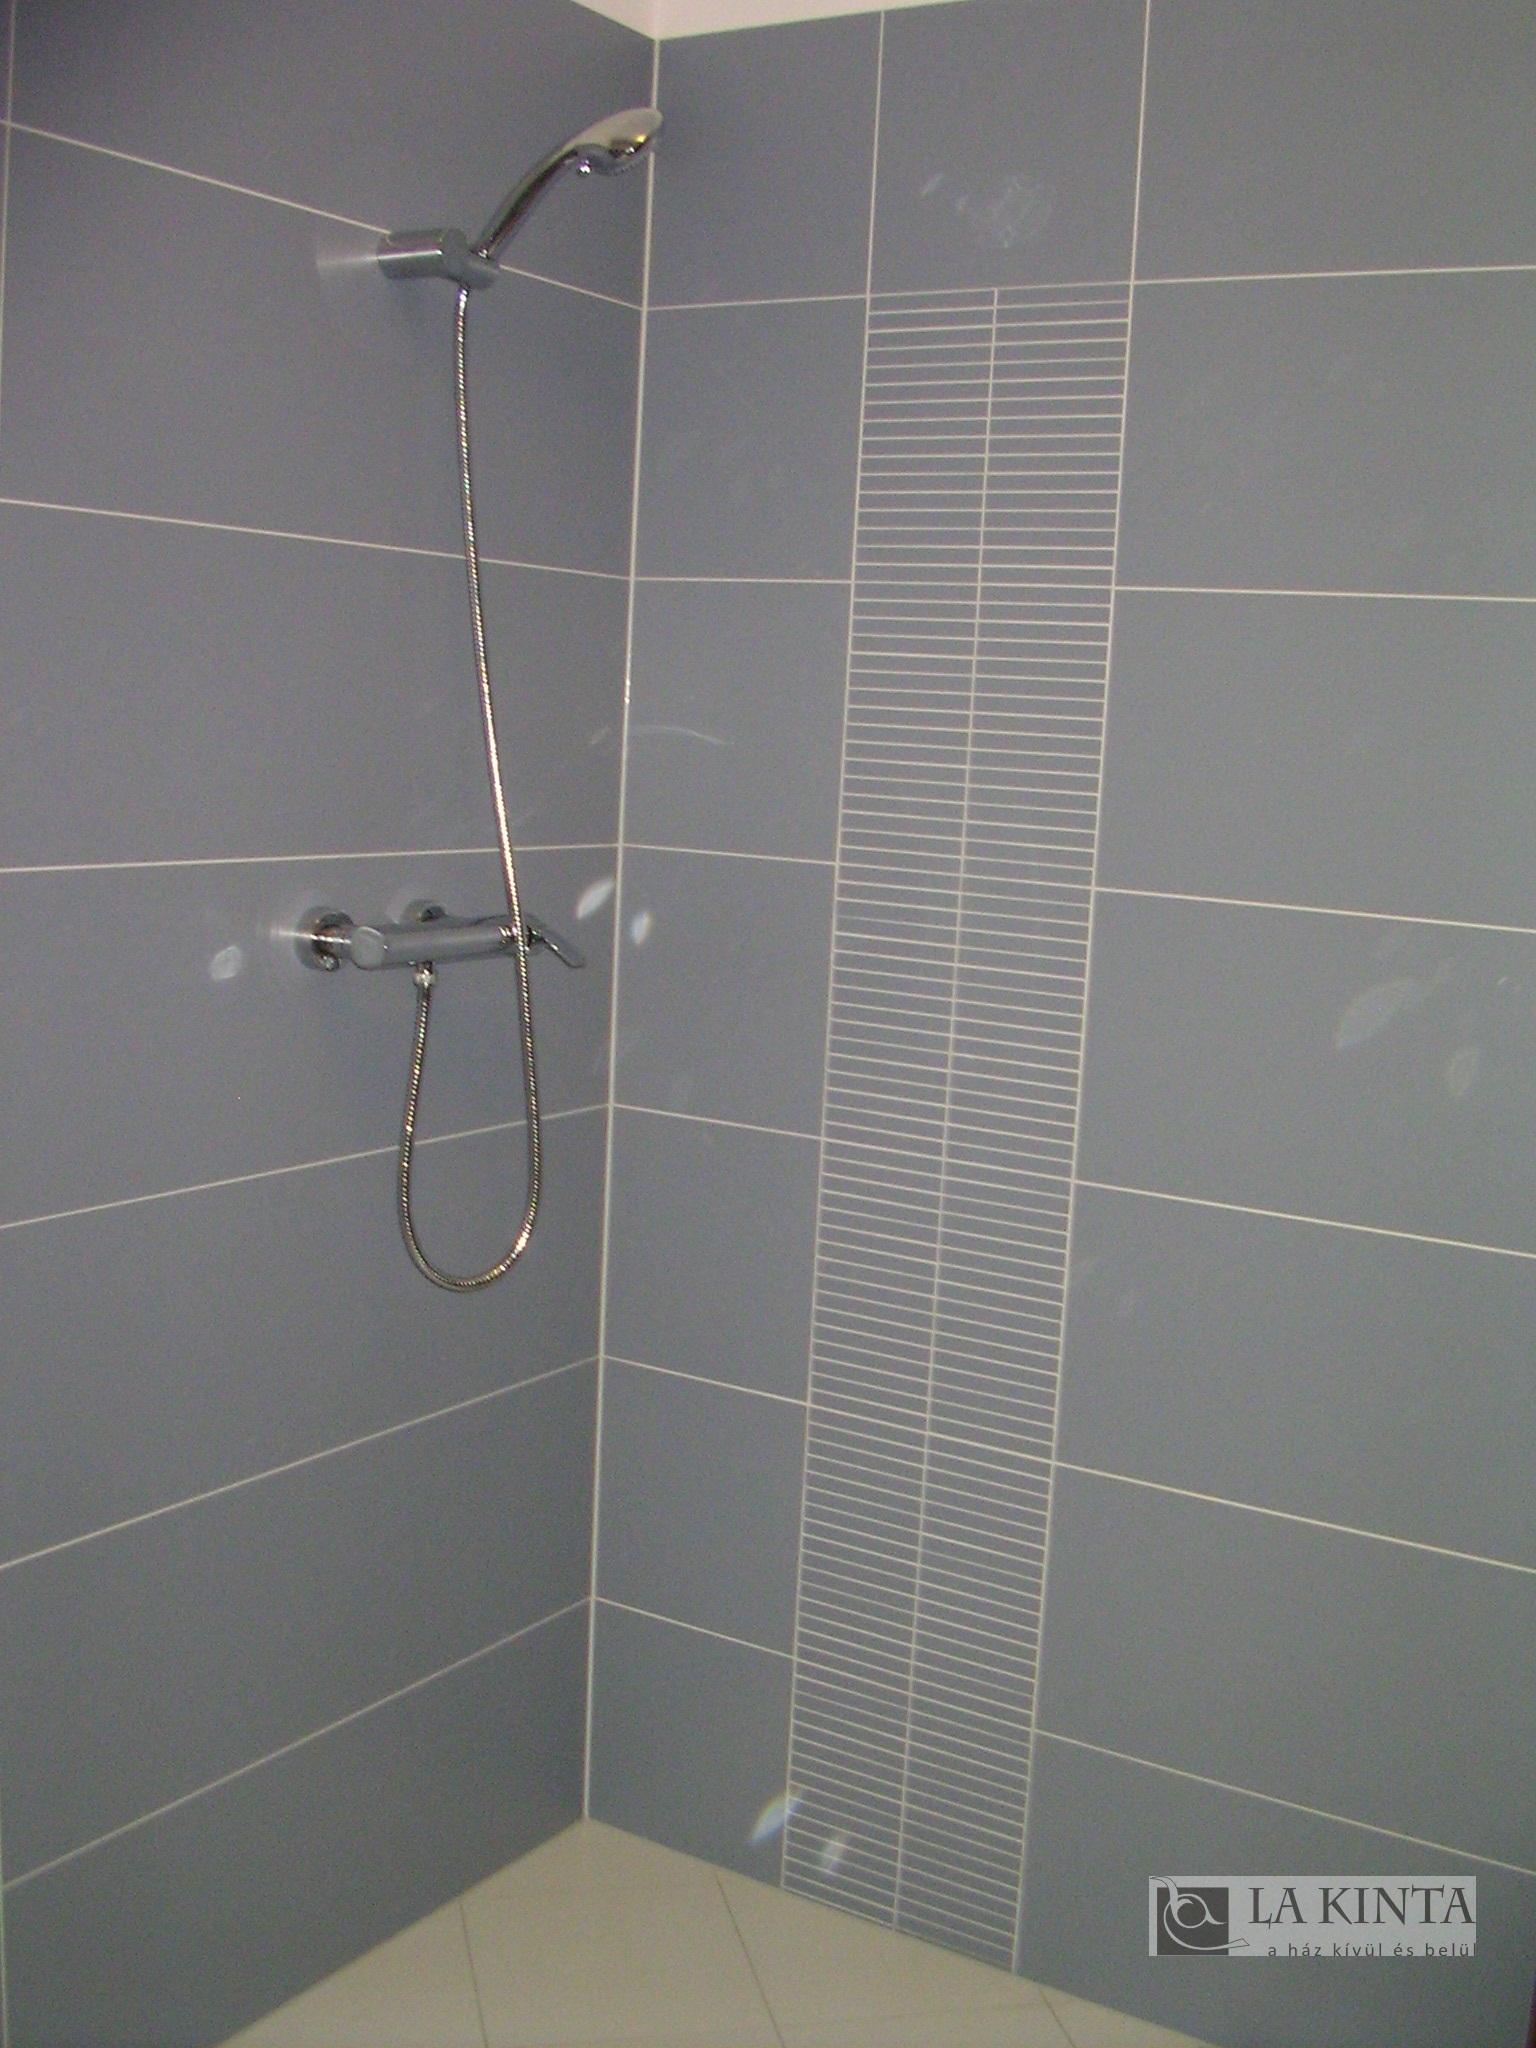 Képgaléria - Lakinta csempe és fürdőszoba